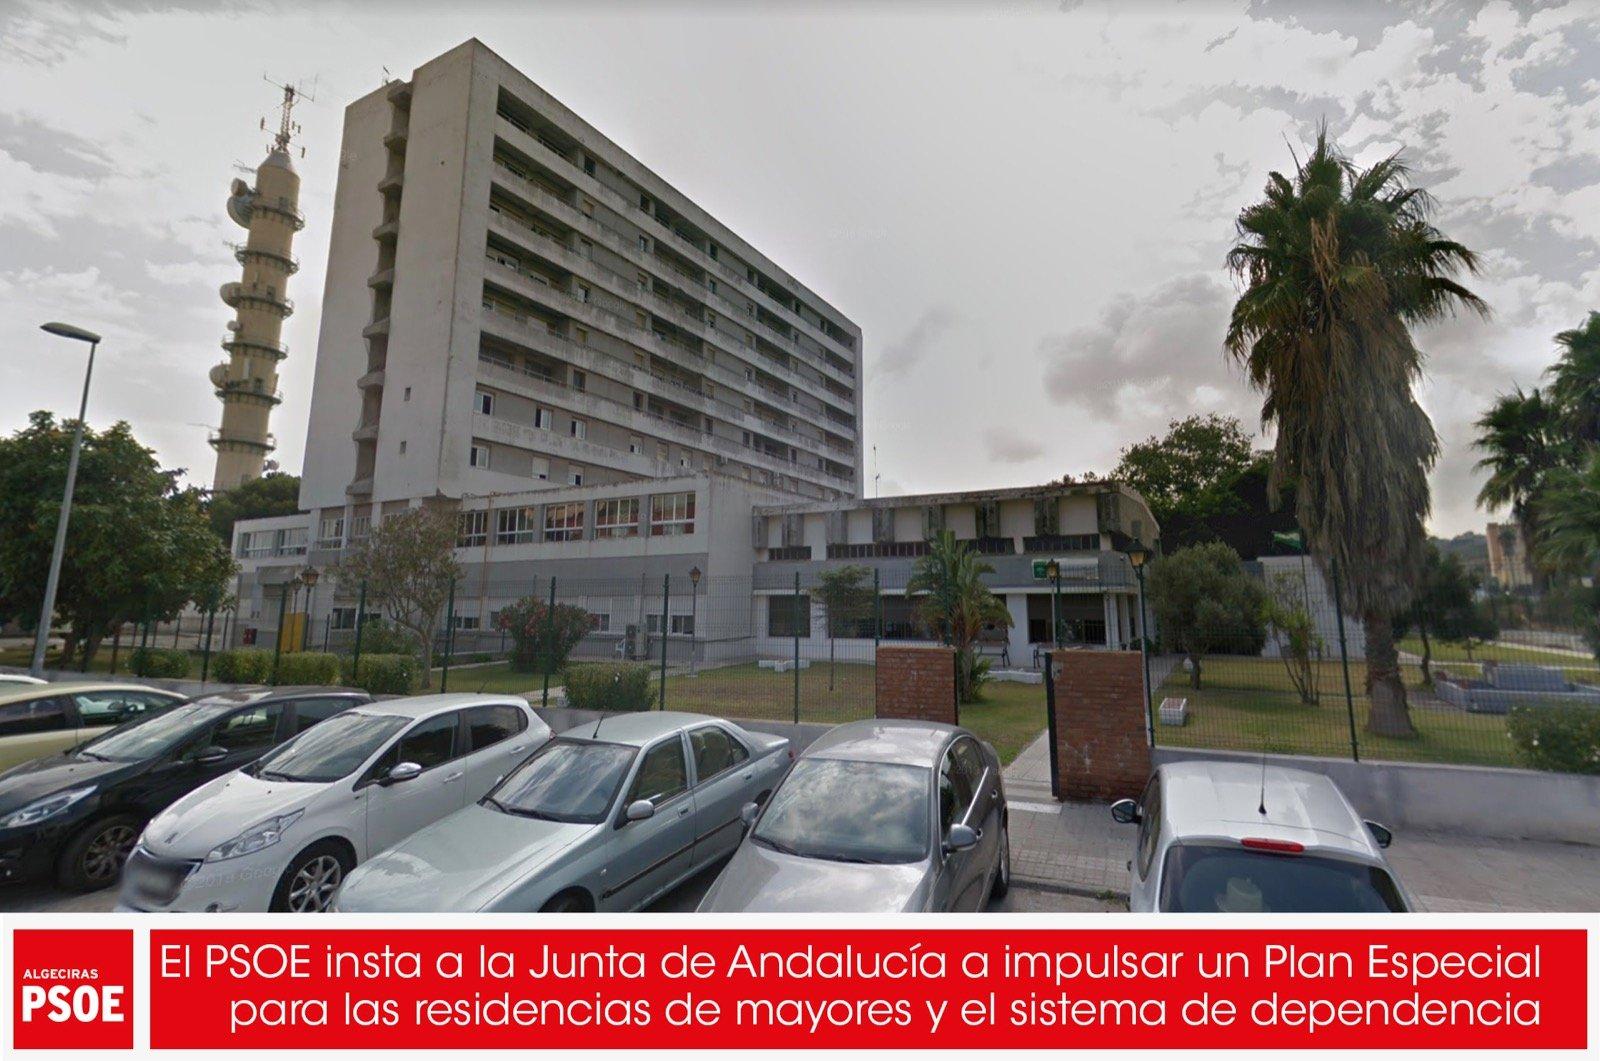 El PSOE insta a la Junta de Andalucía a impulsar un Plan Especial para las residencias de mayores y el sistema de dependencia